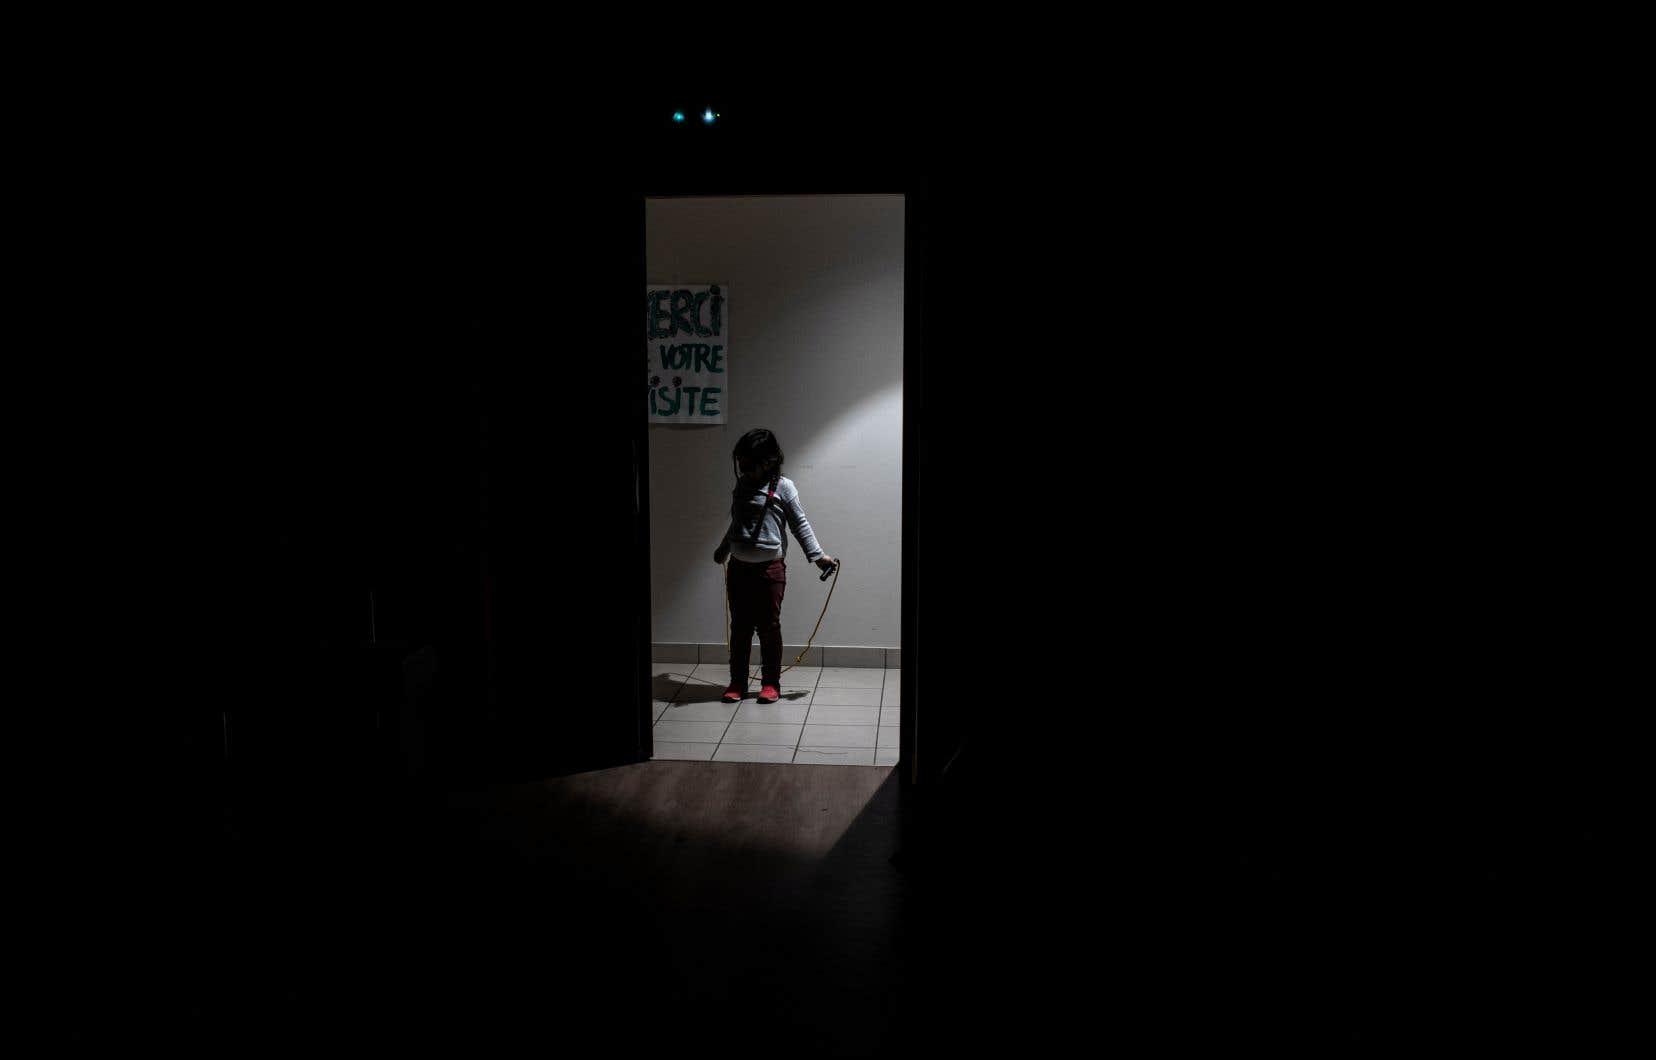 Selonl'Observatoire des tout-petits,Québec devrait s'inspirer de ce qu'il a fait en éducation: les enfants qui habitent régulièrement au Québec ont le droit à l'école publique, peu importe leur statut d'immigration.